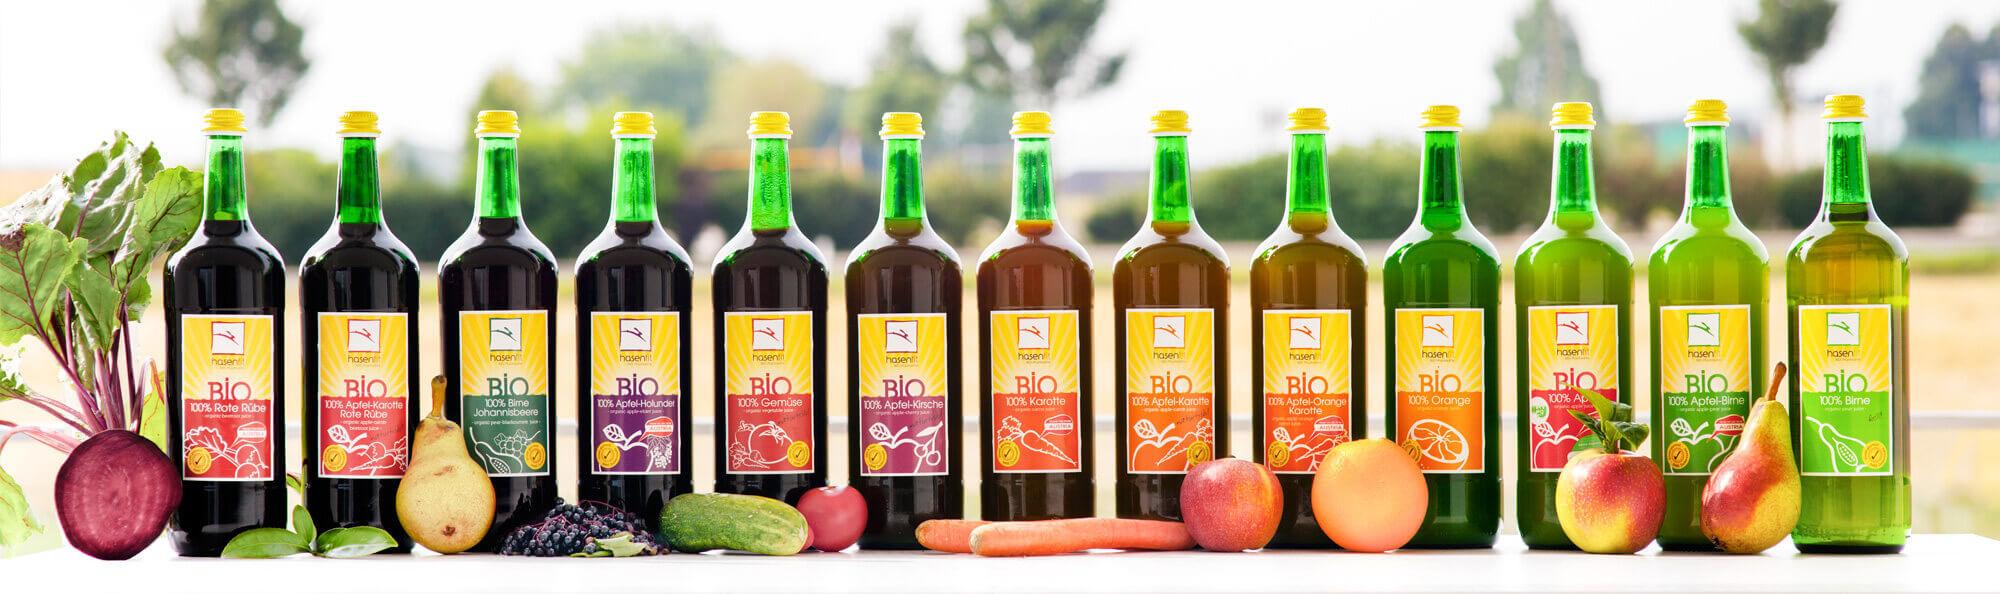 hasenfit BIO Fruchtsäfte - 1l Sortiment